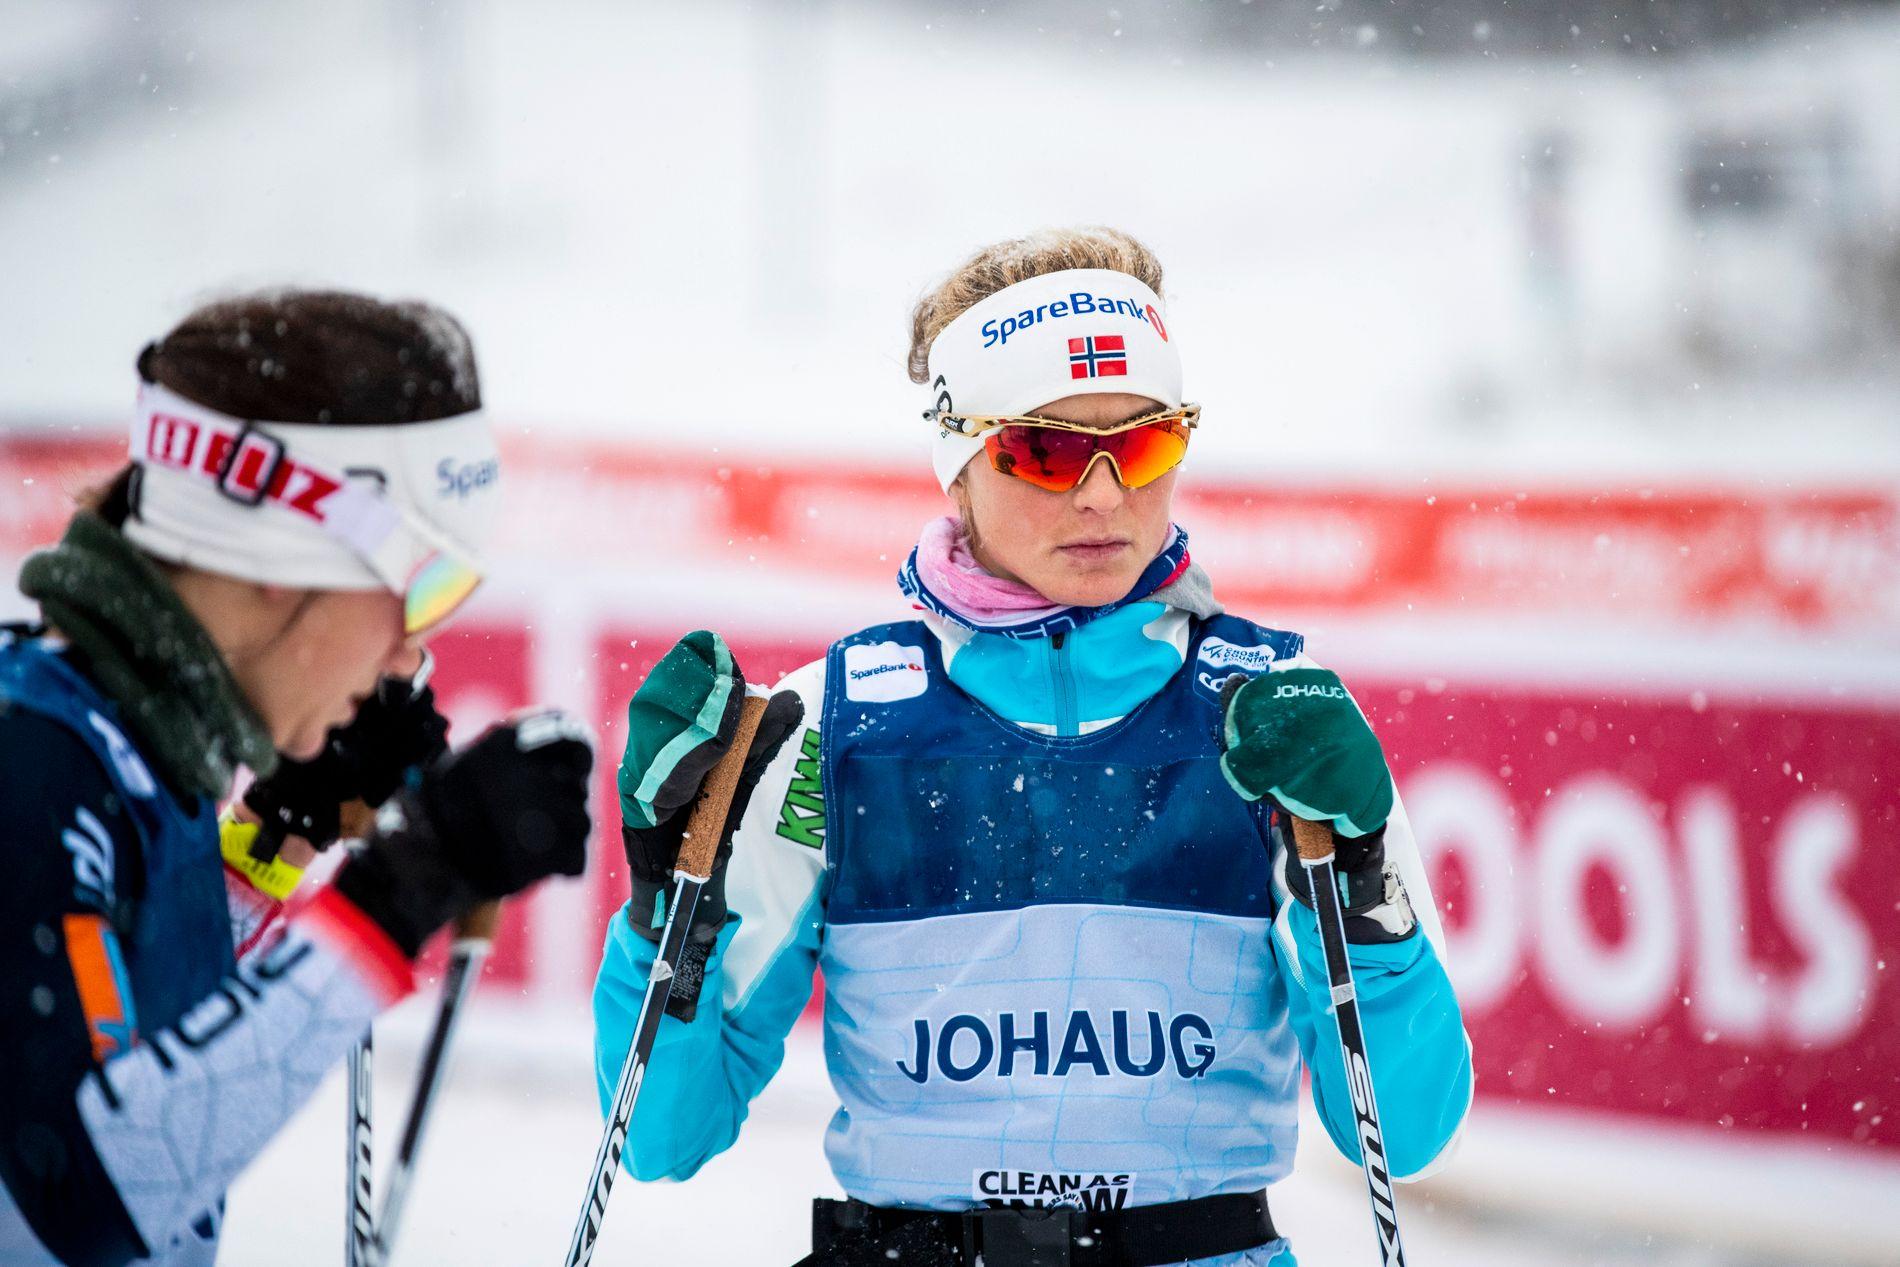 TILDEKT: Therese Johaug med teipet oppvarmingsnummer på trening i dag.